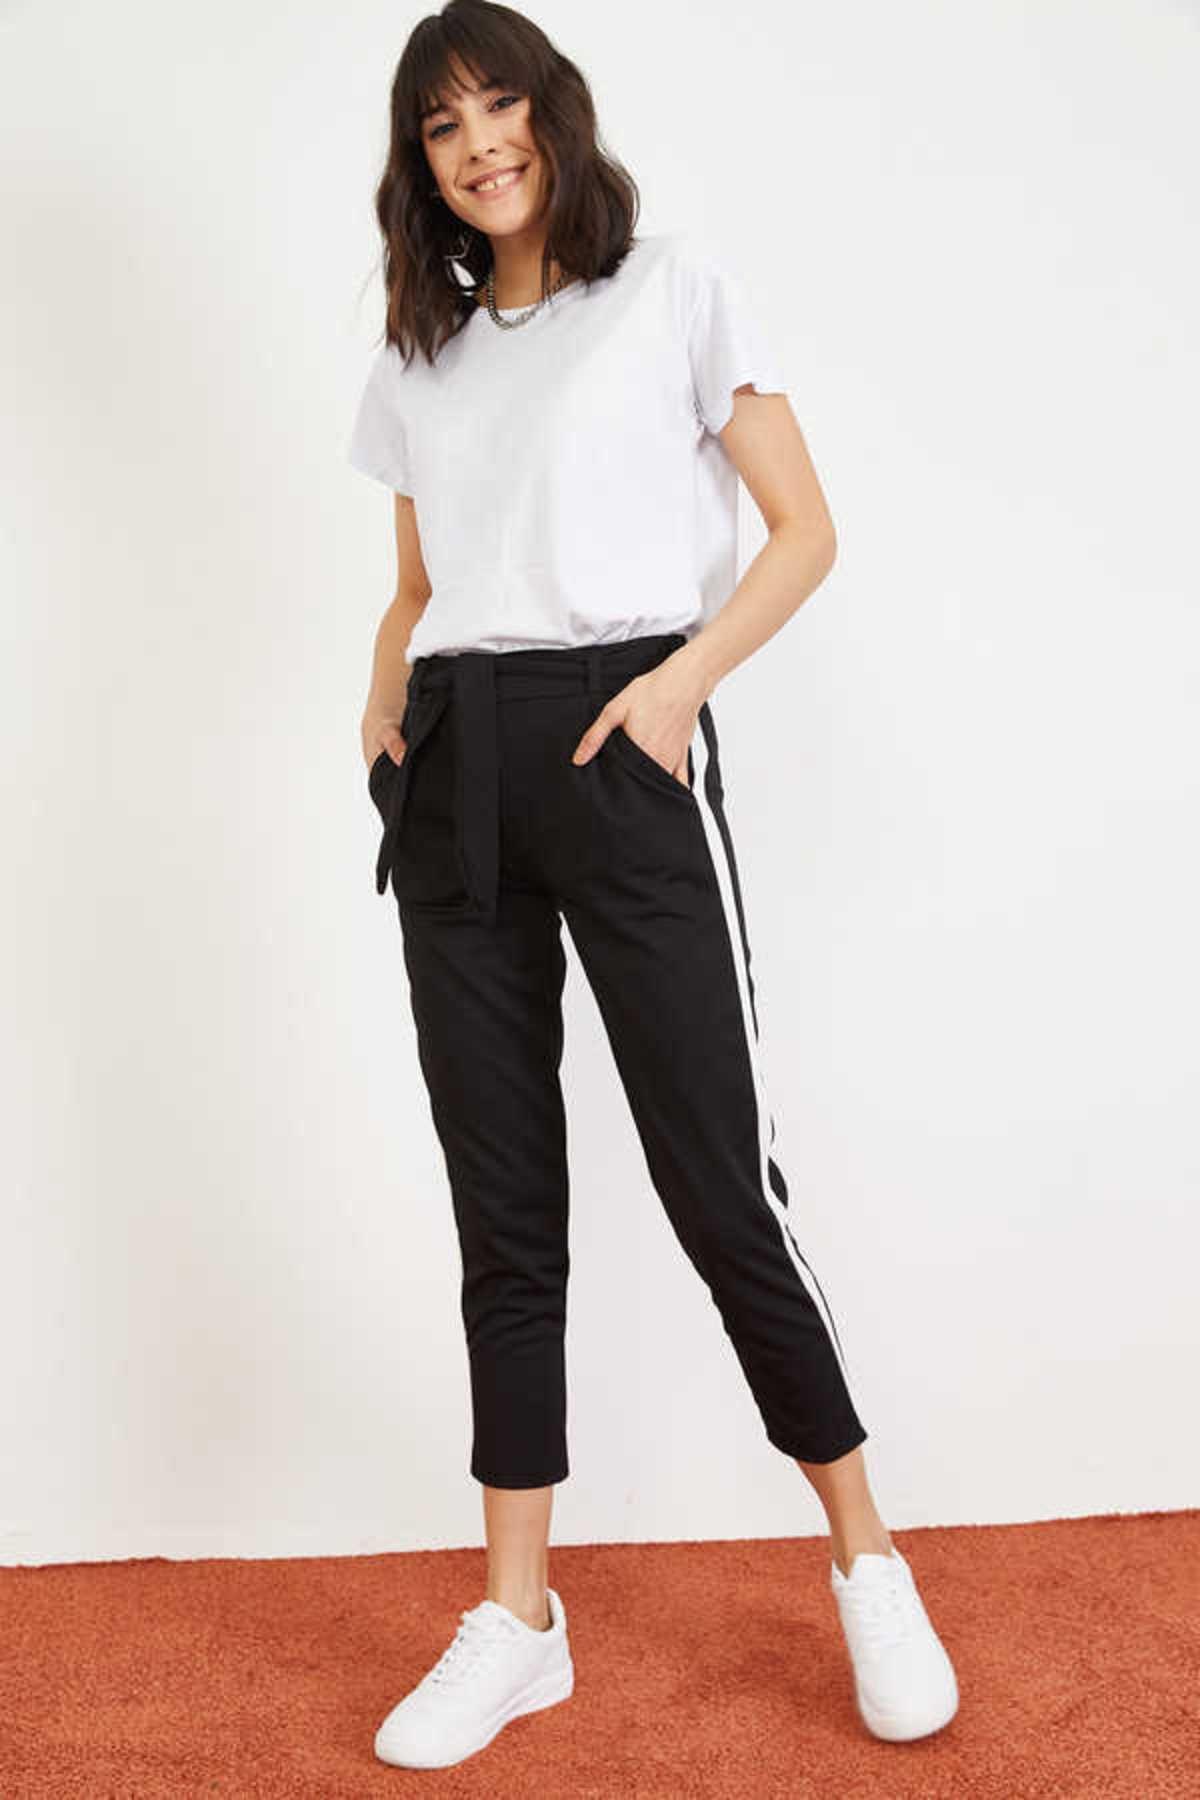 Bianco Lucci Kadın Siyah Yan Şerit Beli Lastikli Crep Pantolon 10021046 0